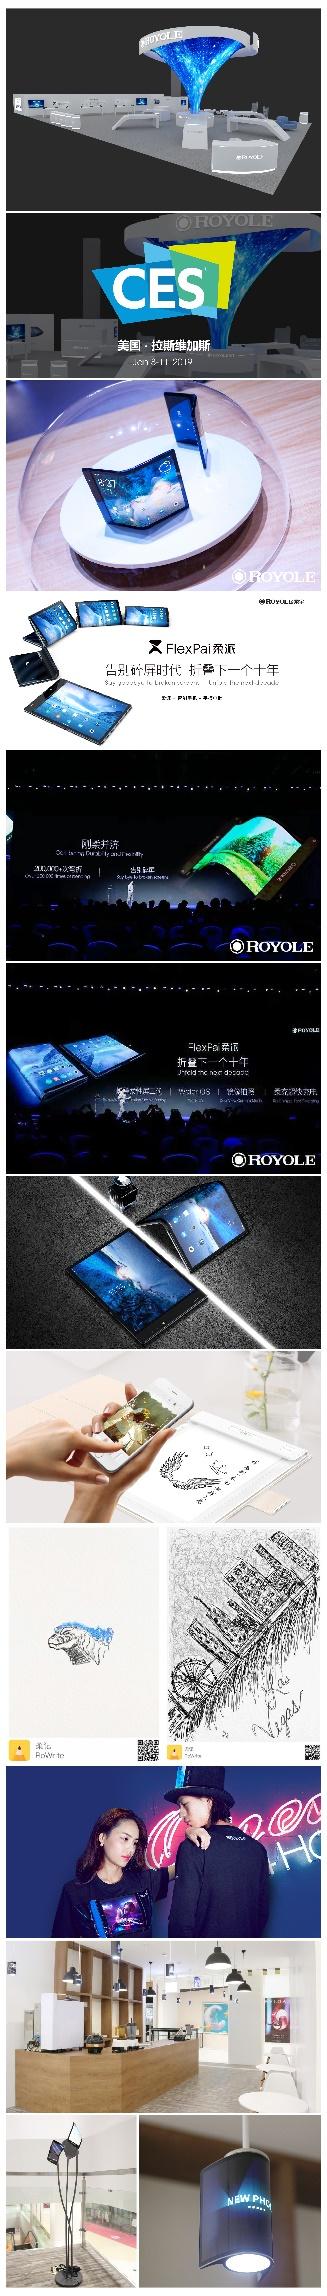 CES 2019:柔宇连续4年参展美国 CES,可折叠柔性屏手机柔派首次亮相 CES